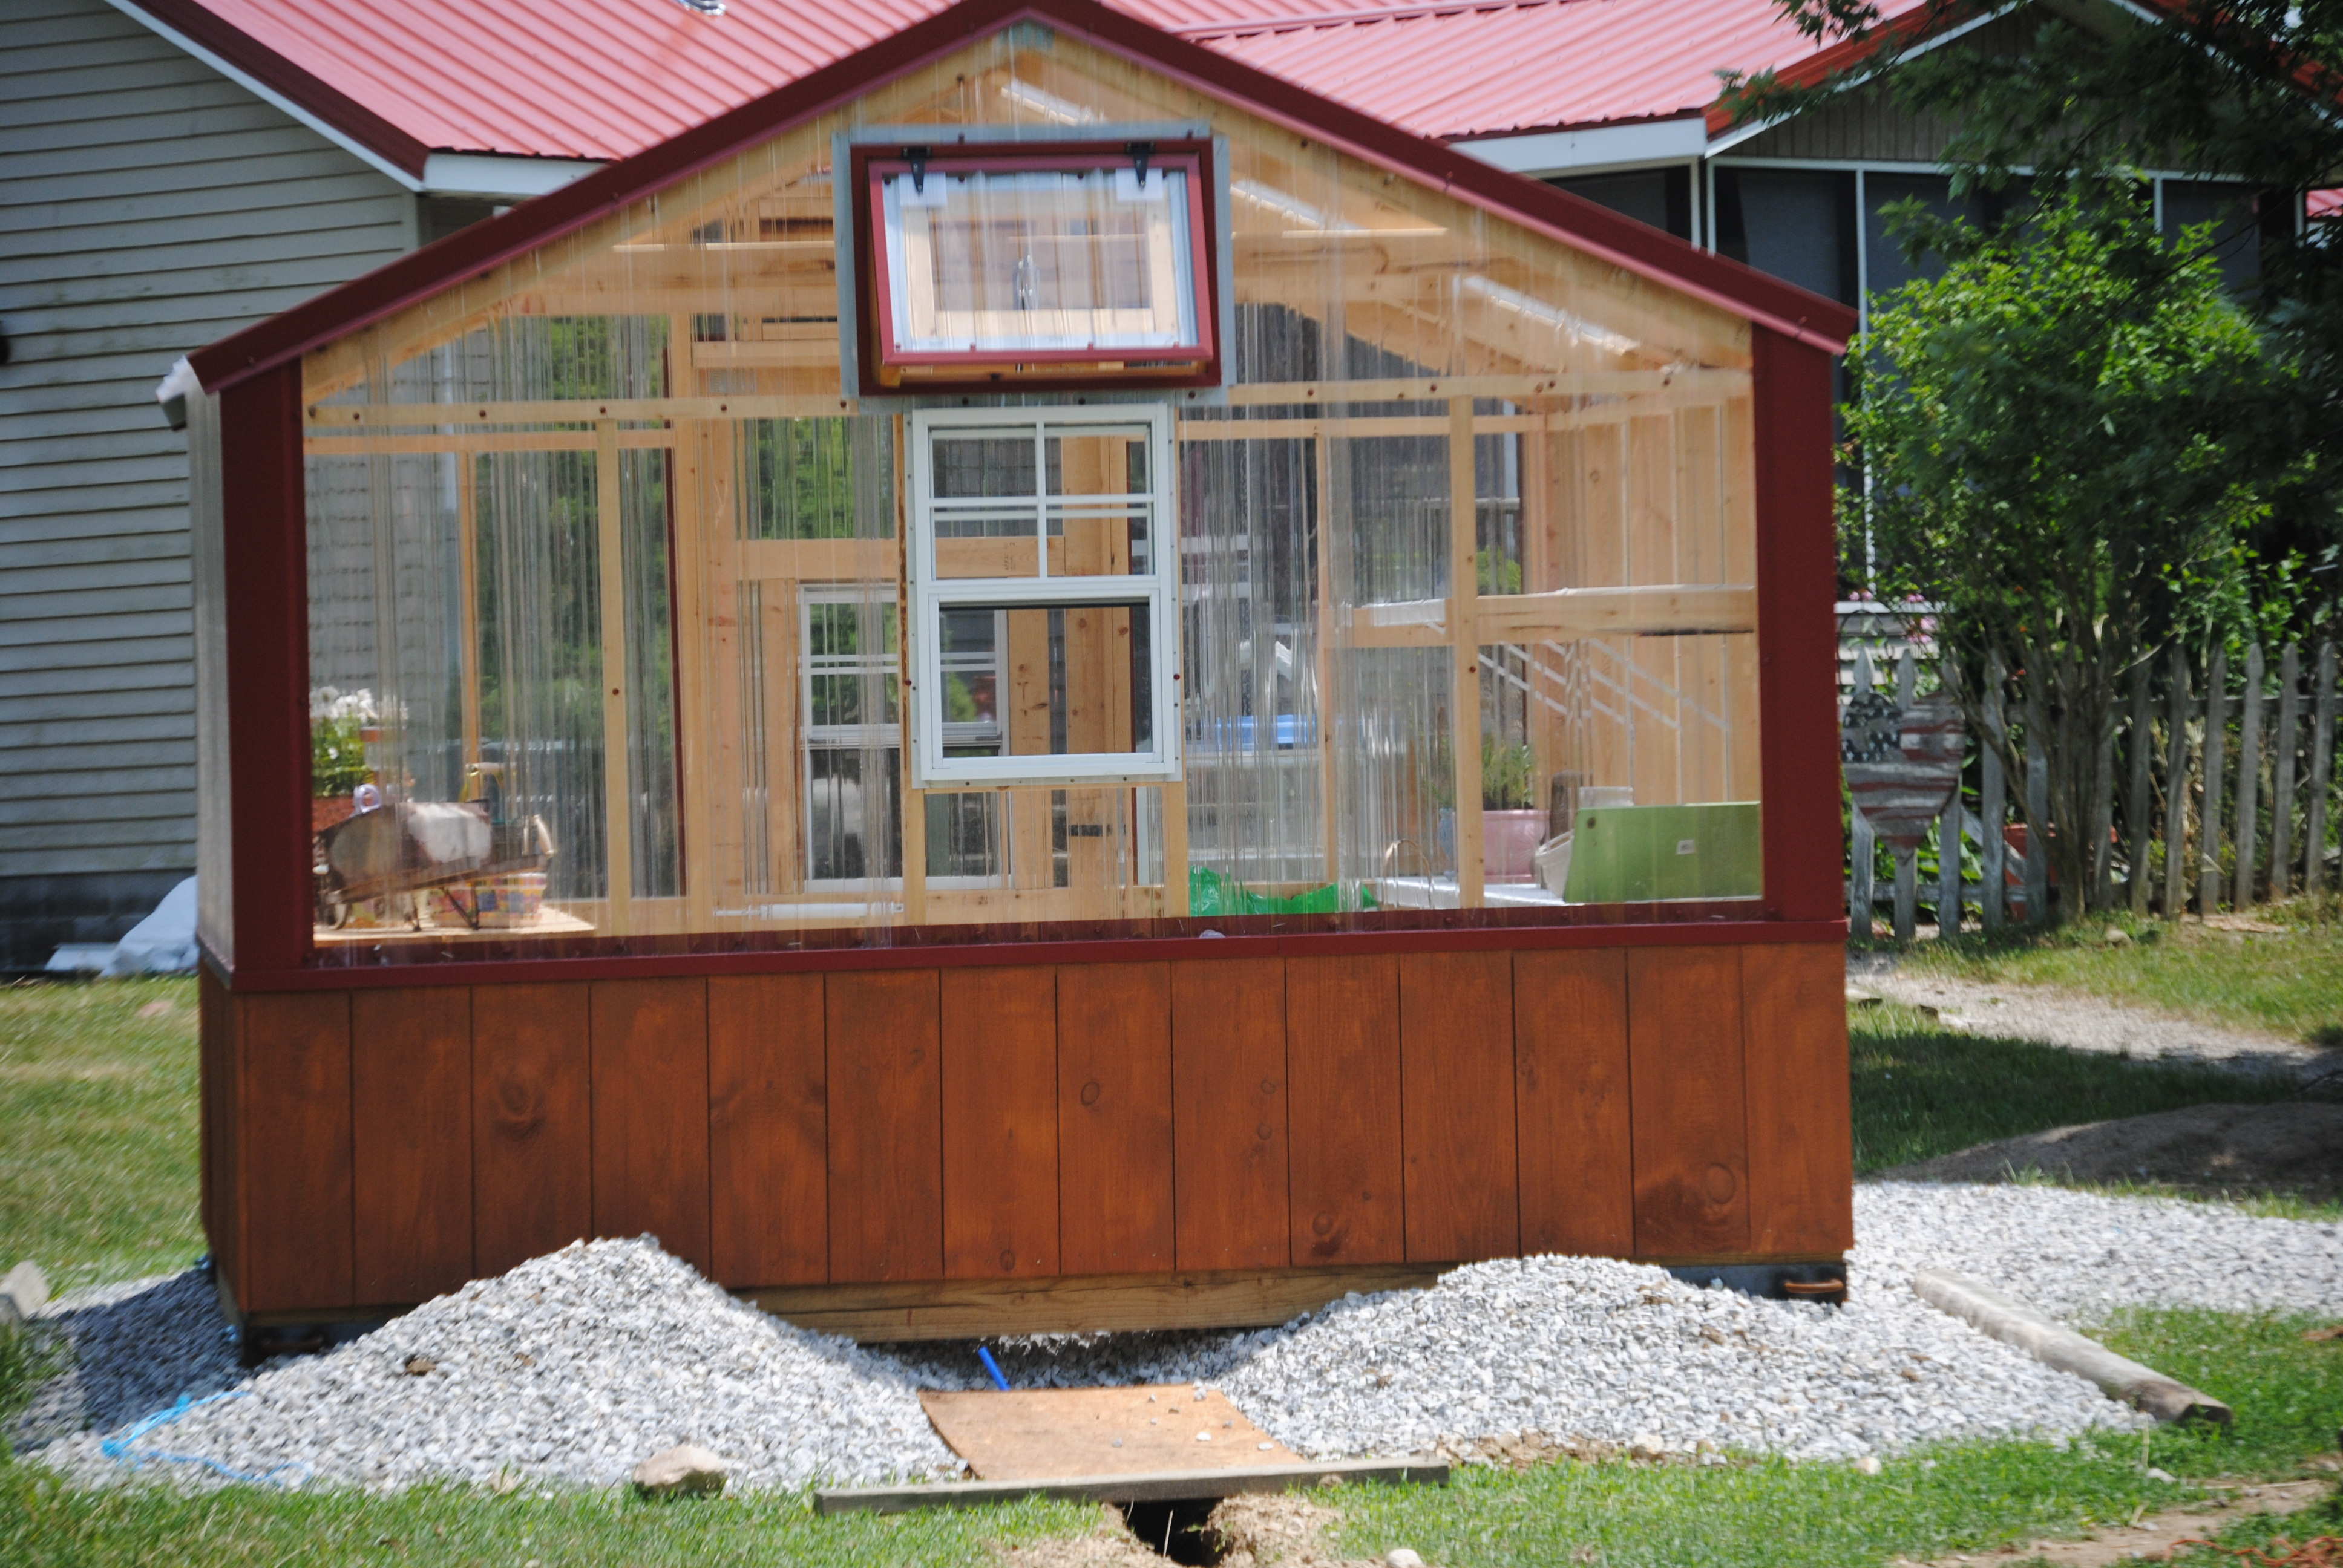 Guinea pig house plans escortsea for Guinea pig homes